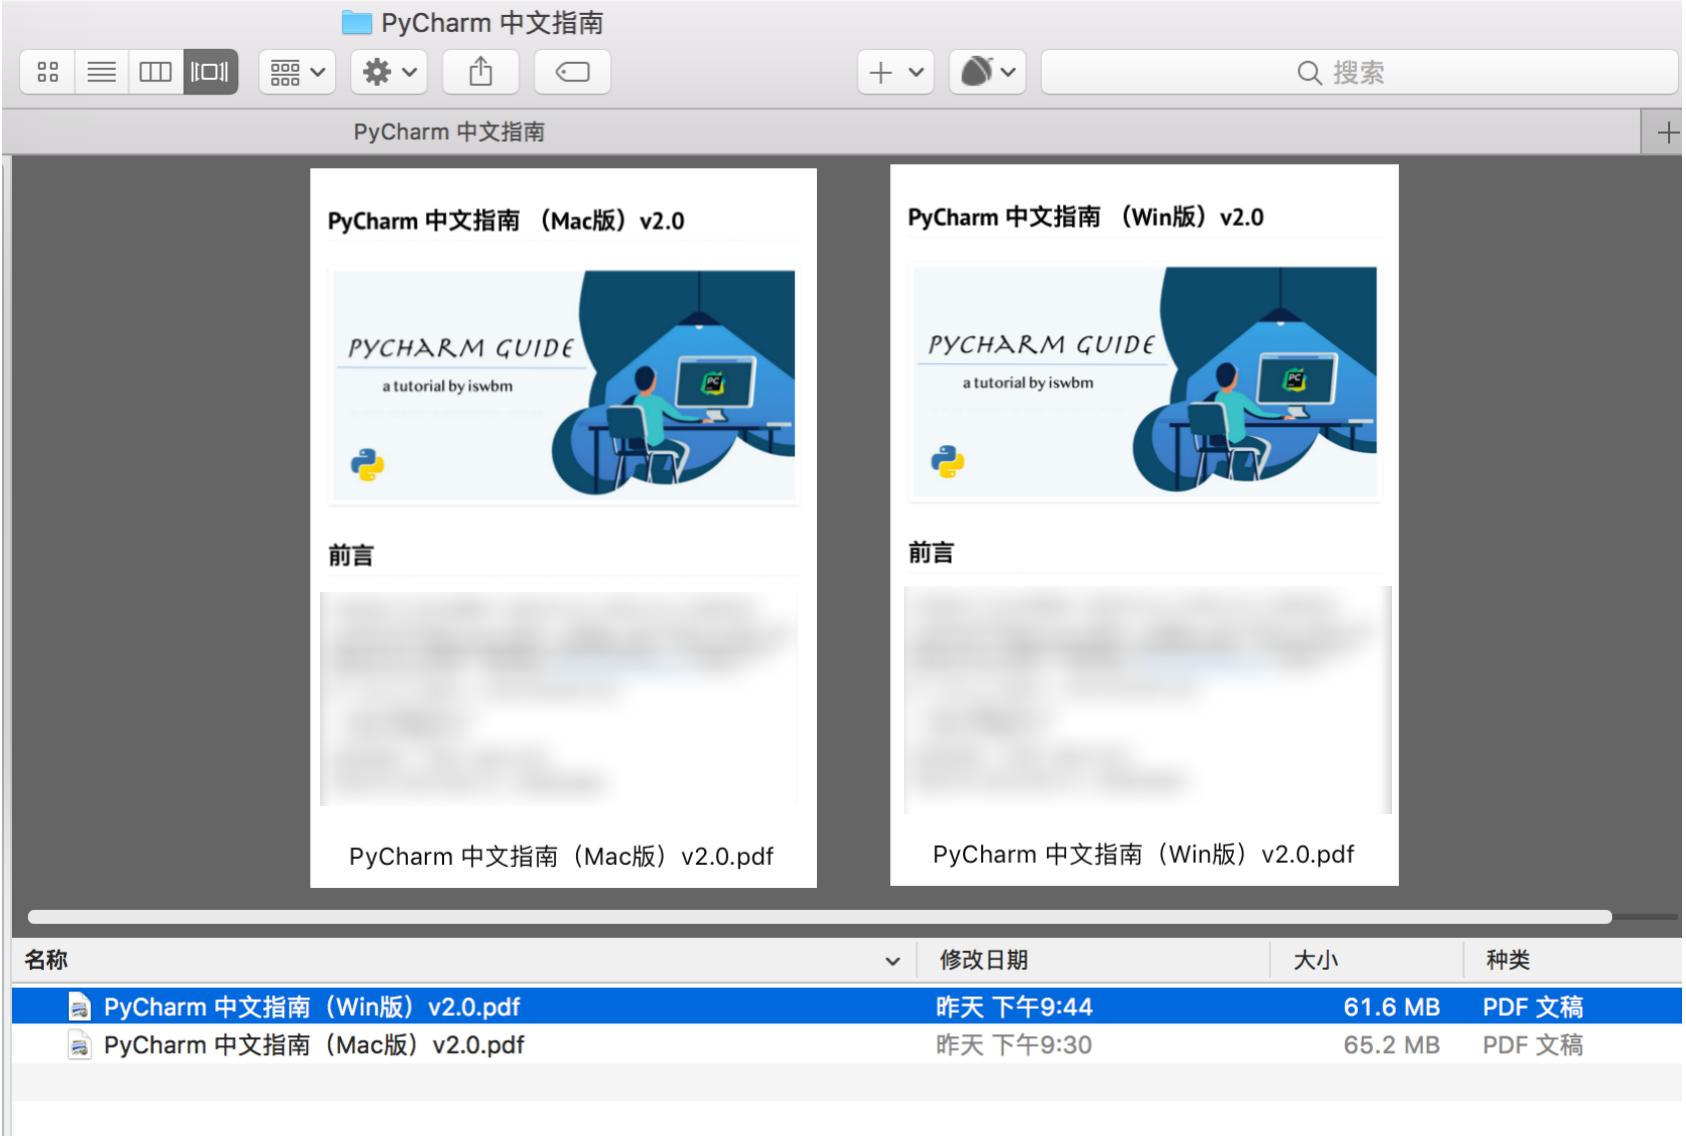 来了,《PyCharm中文指南》 v2.0 版本插图